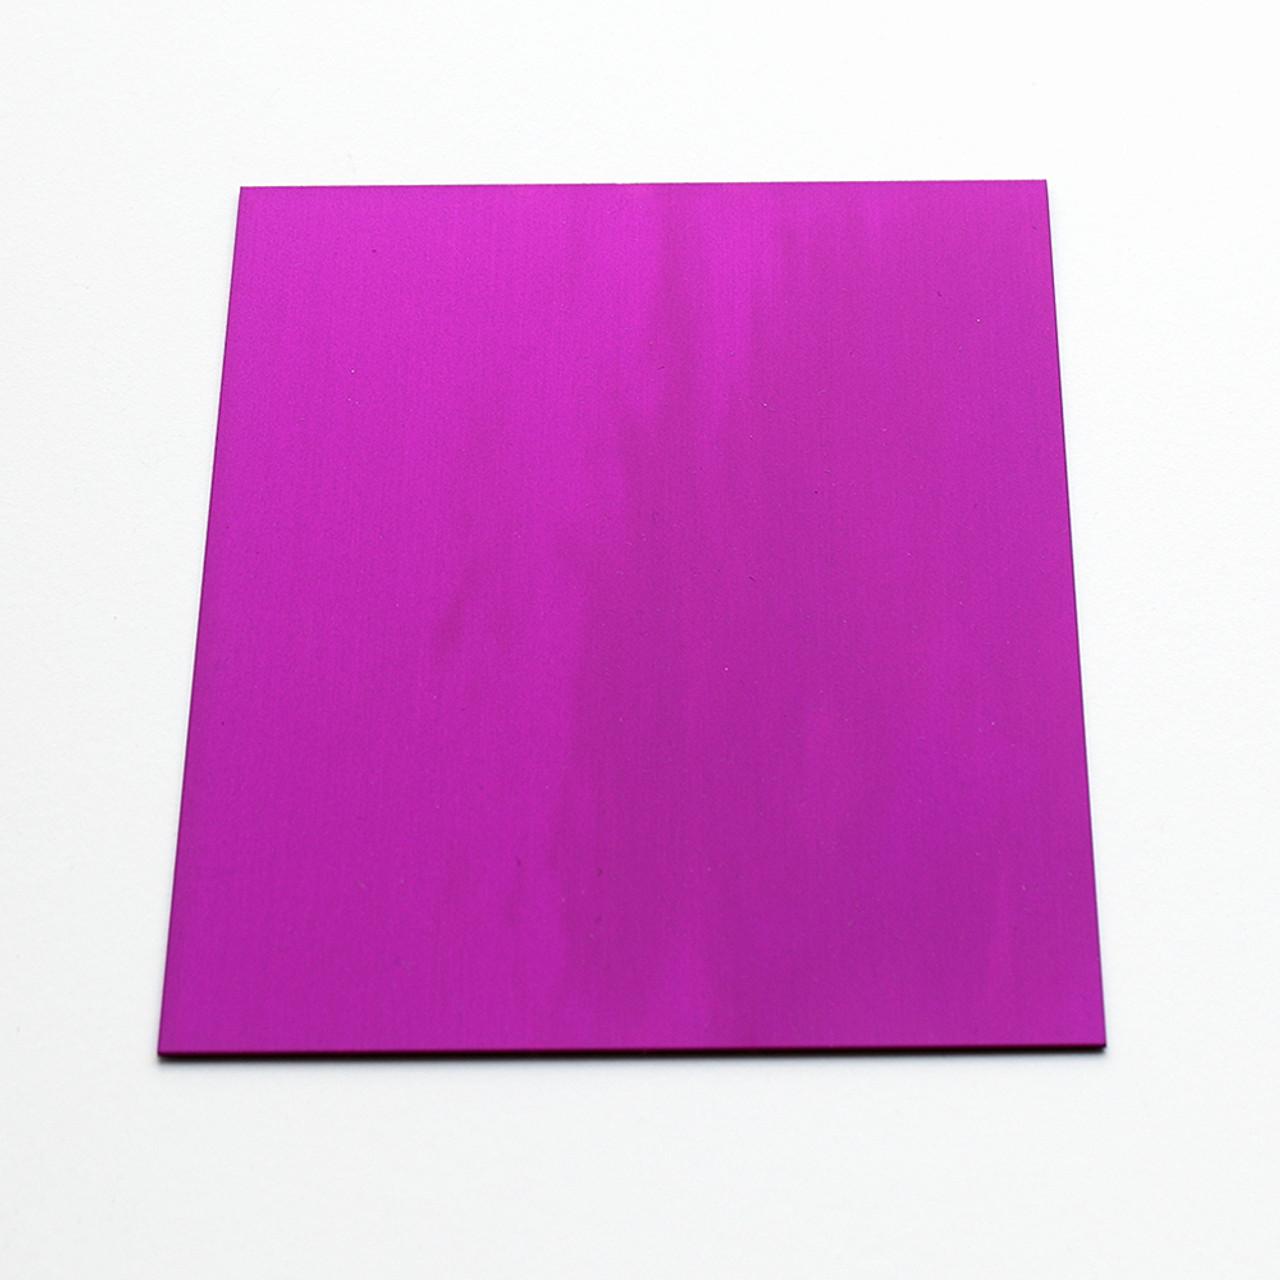 Purple anodised aluminium square